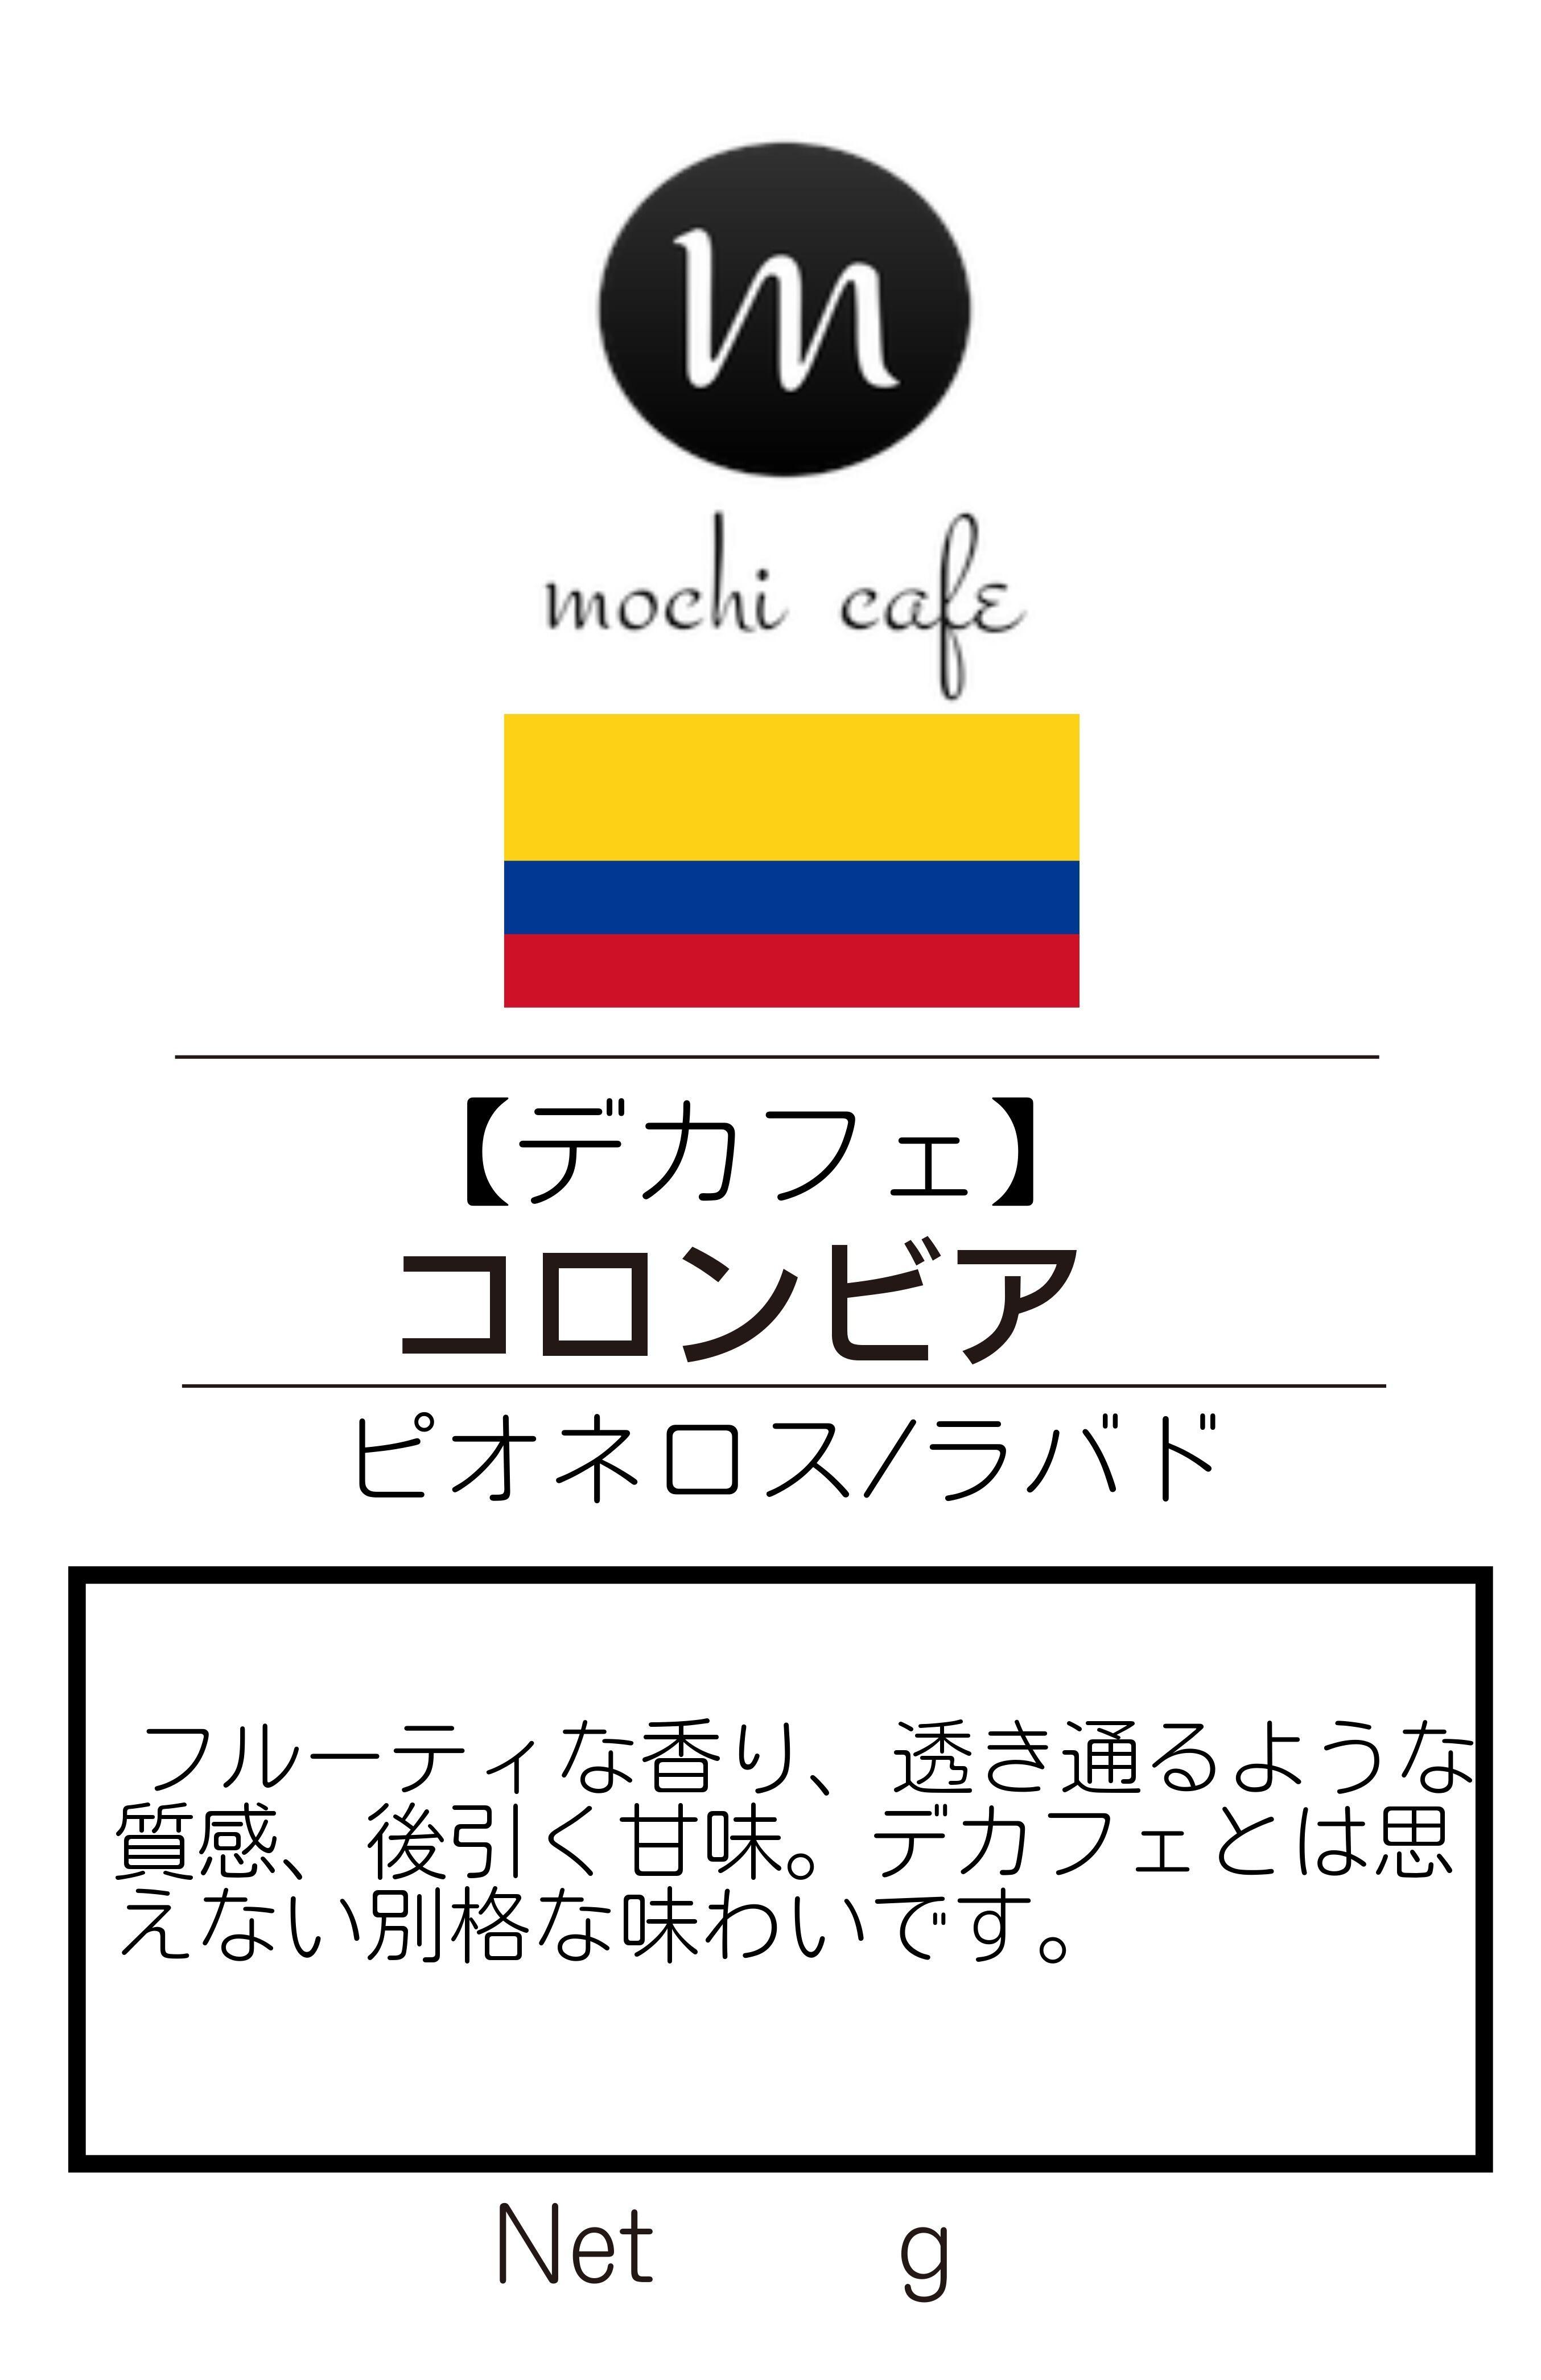 【デカフェ】コロンビア ウィラ ピオネロス/ラバド 97%デカフェ 200g